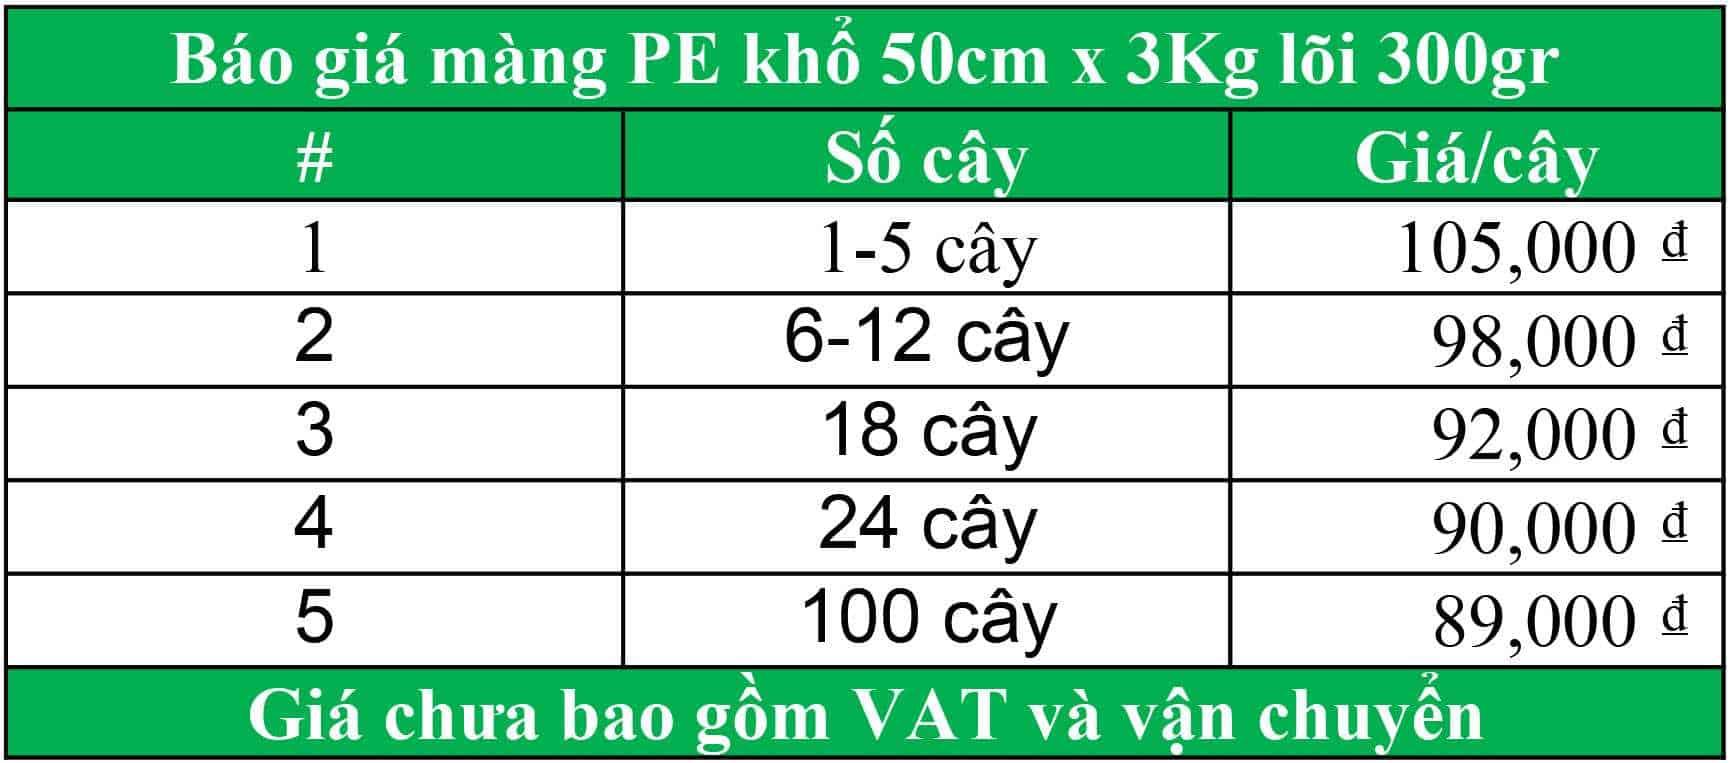 Màng PE khổ 50cm nặng 3kg